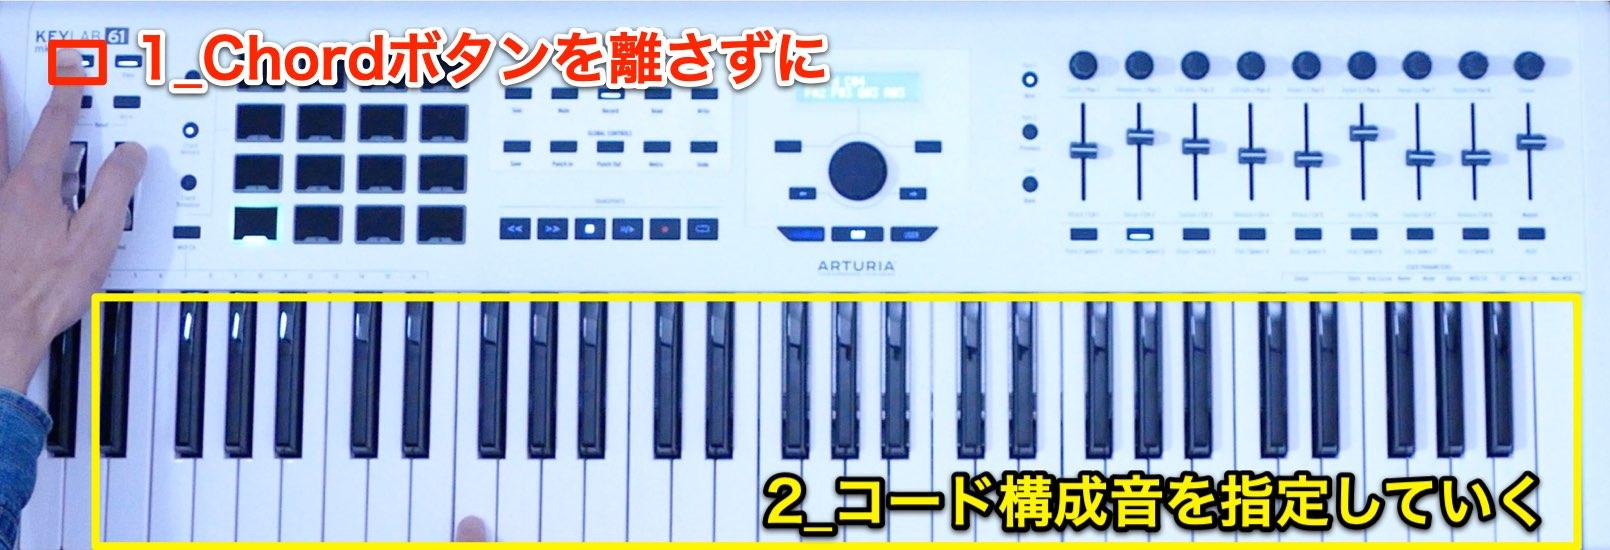 Chord Memory-2